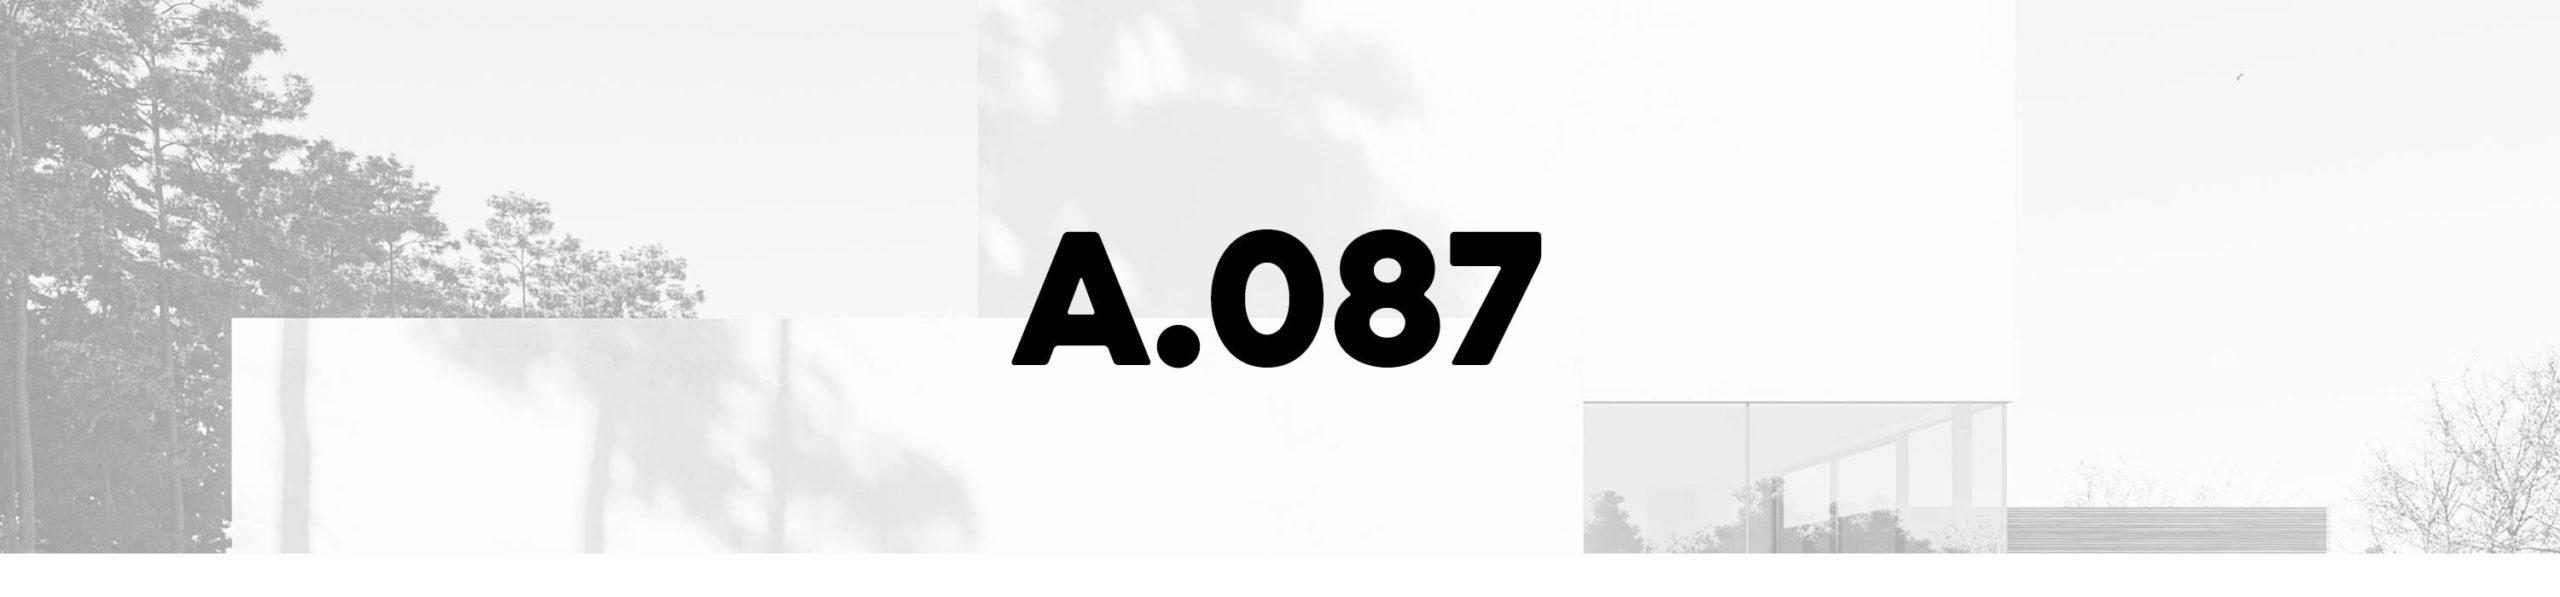 architecture-087-M